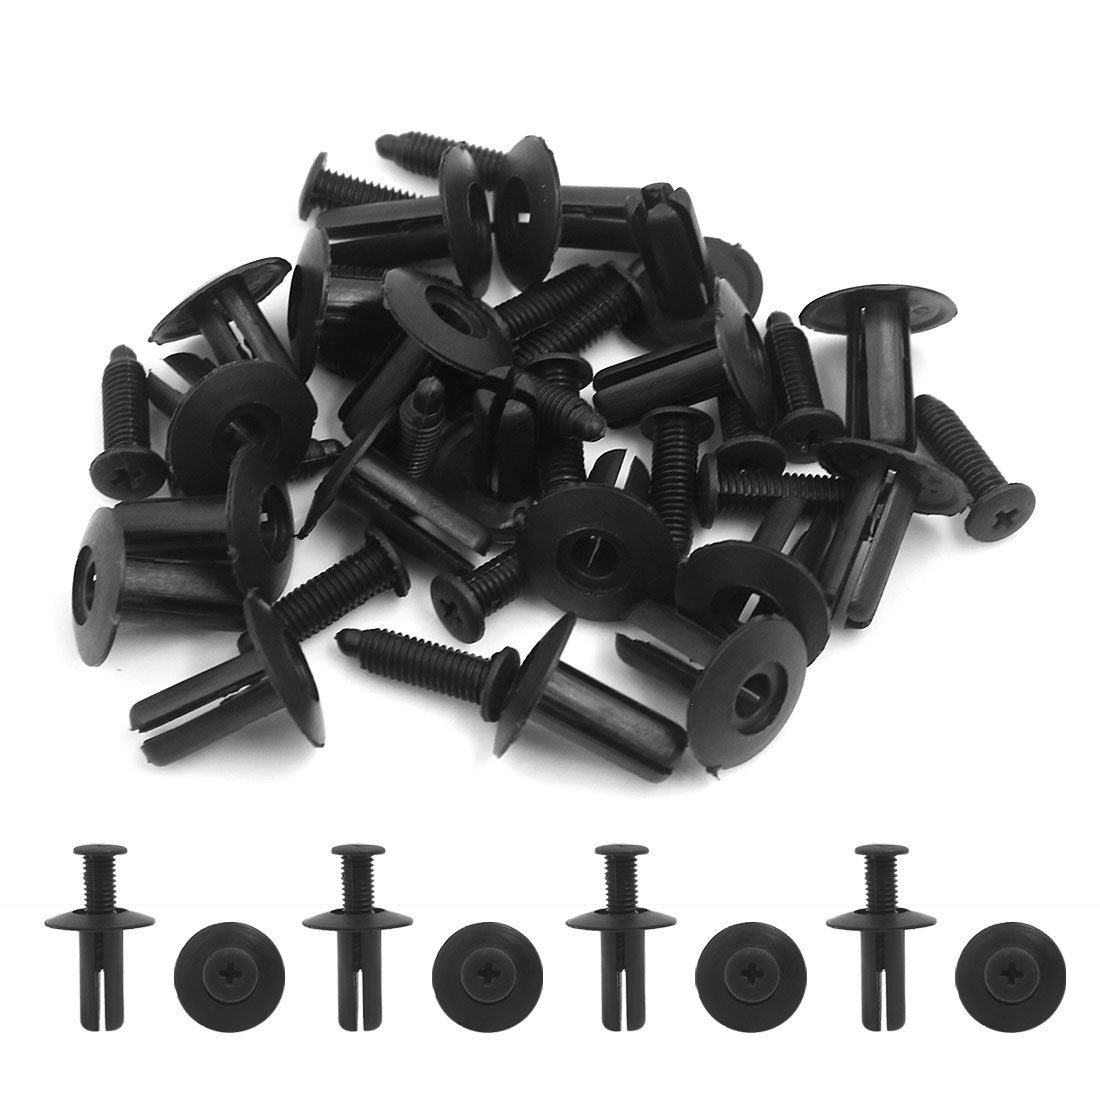 20 Pcs Rivet en plastique Trou 8mm Clip de fixation Clip de poussoir Agrafe Noir